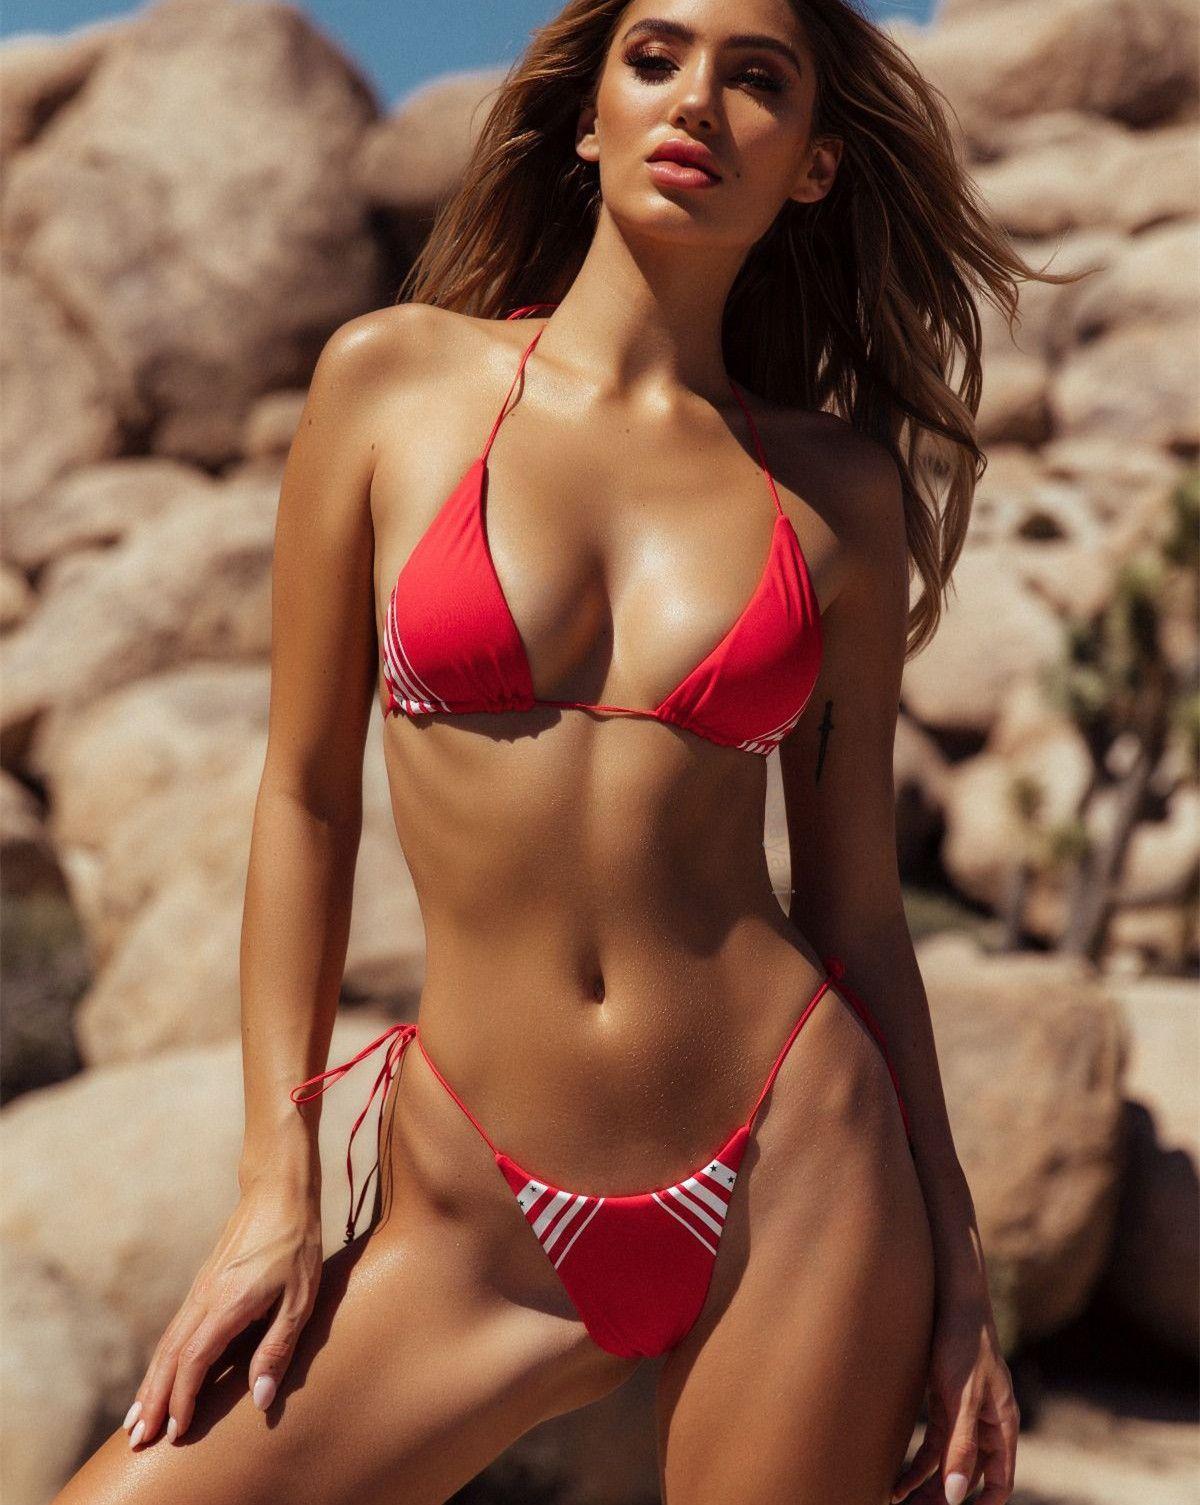 screensavers Bikini models